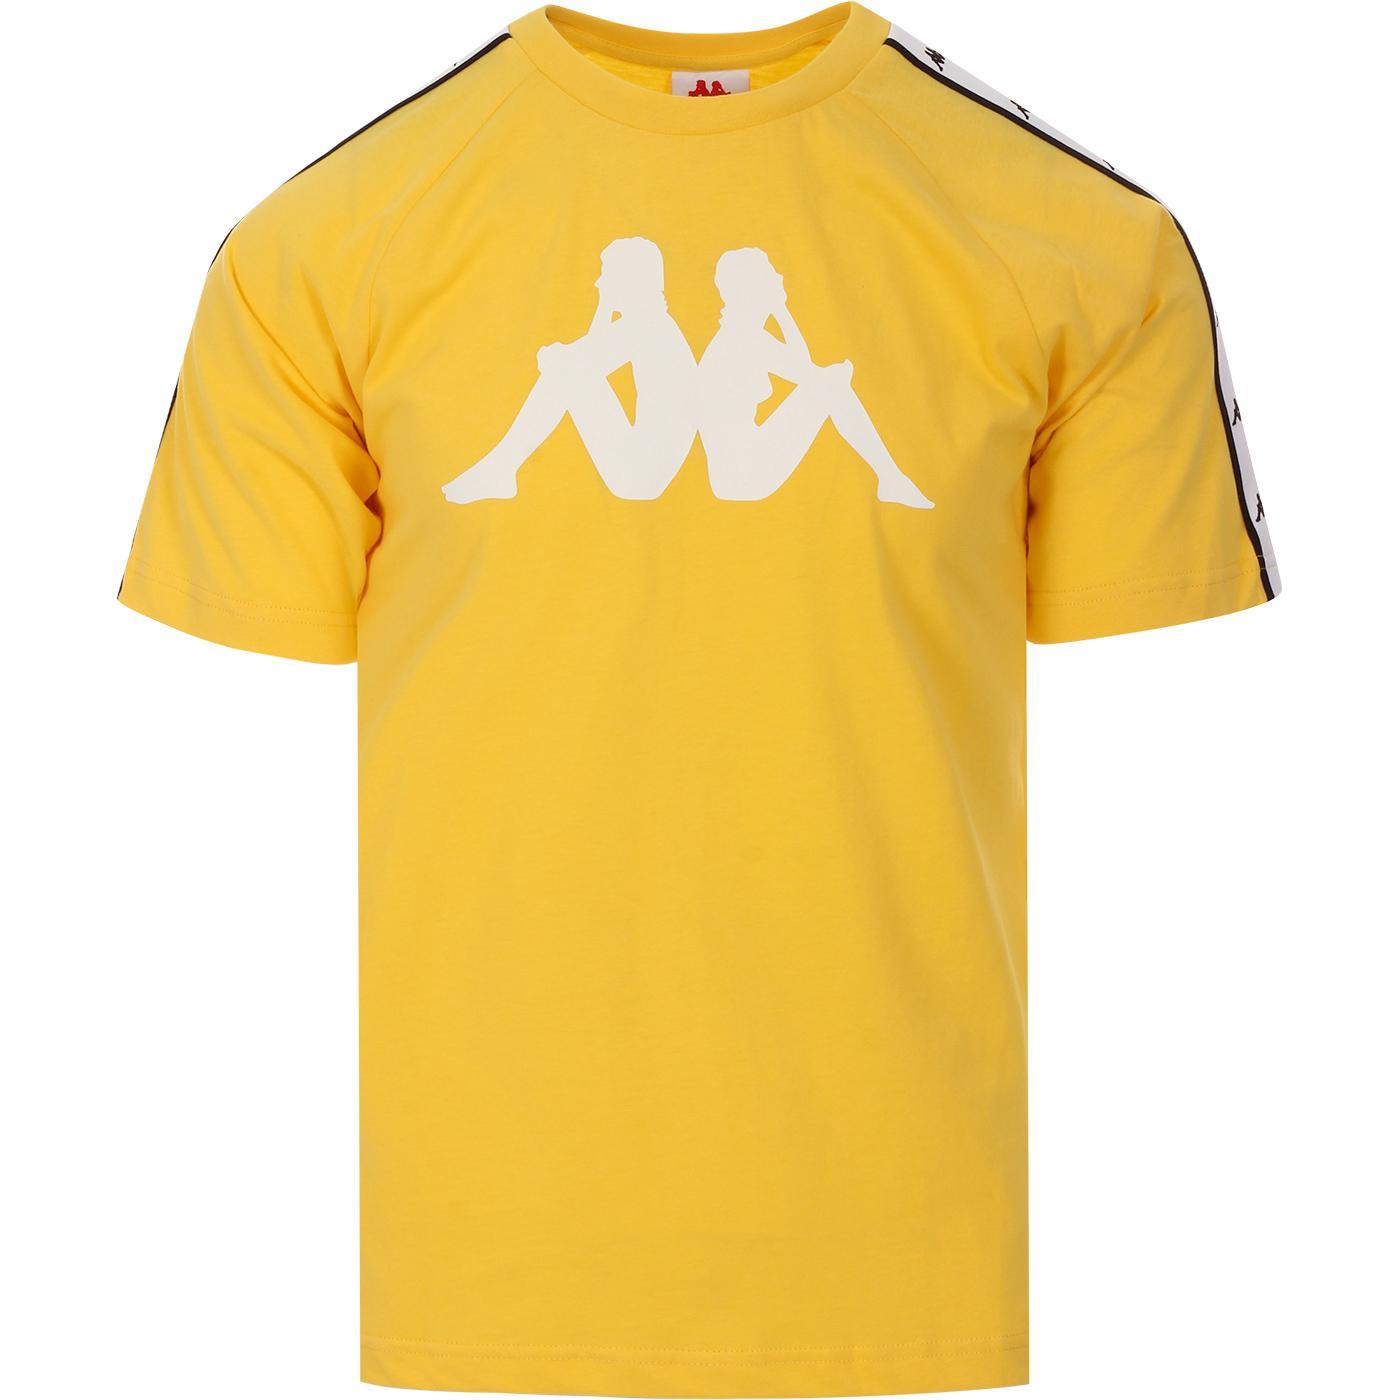 Tait KAPPA Retro 90s Omni Logo Tee (Yellow/White)